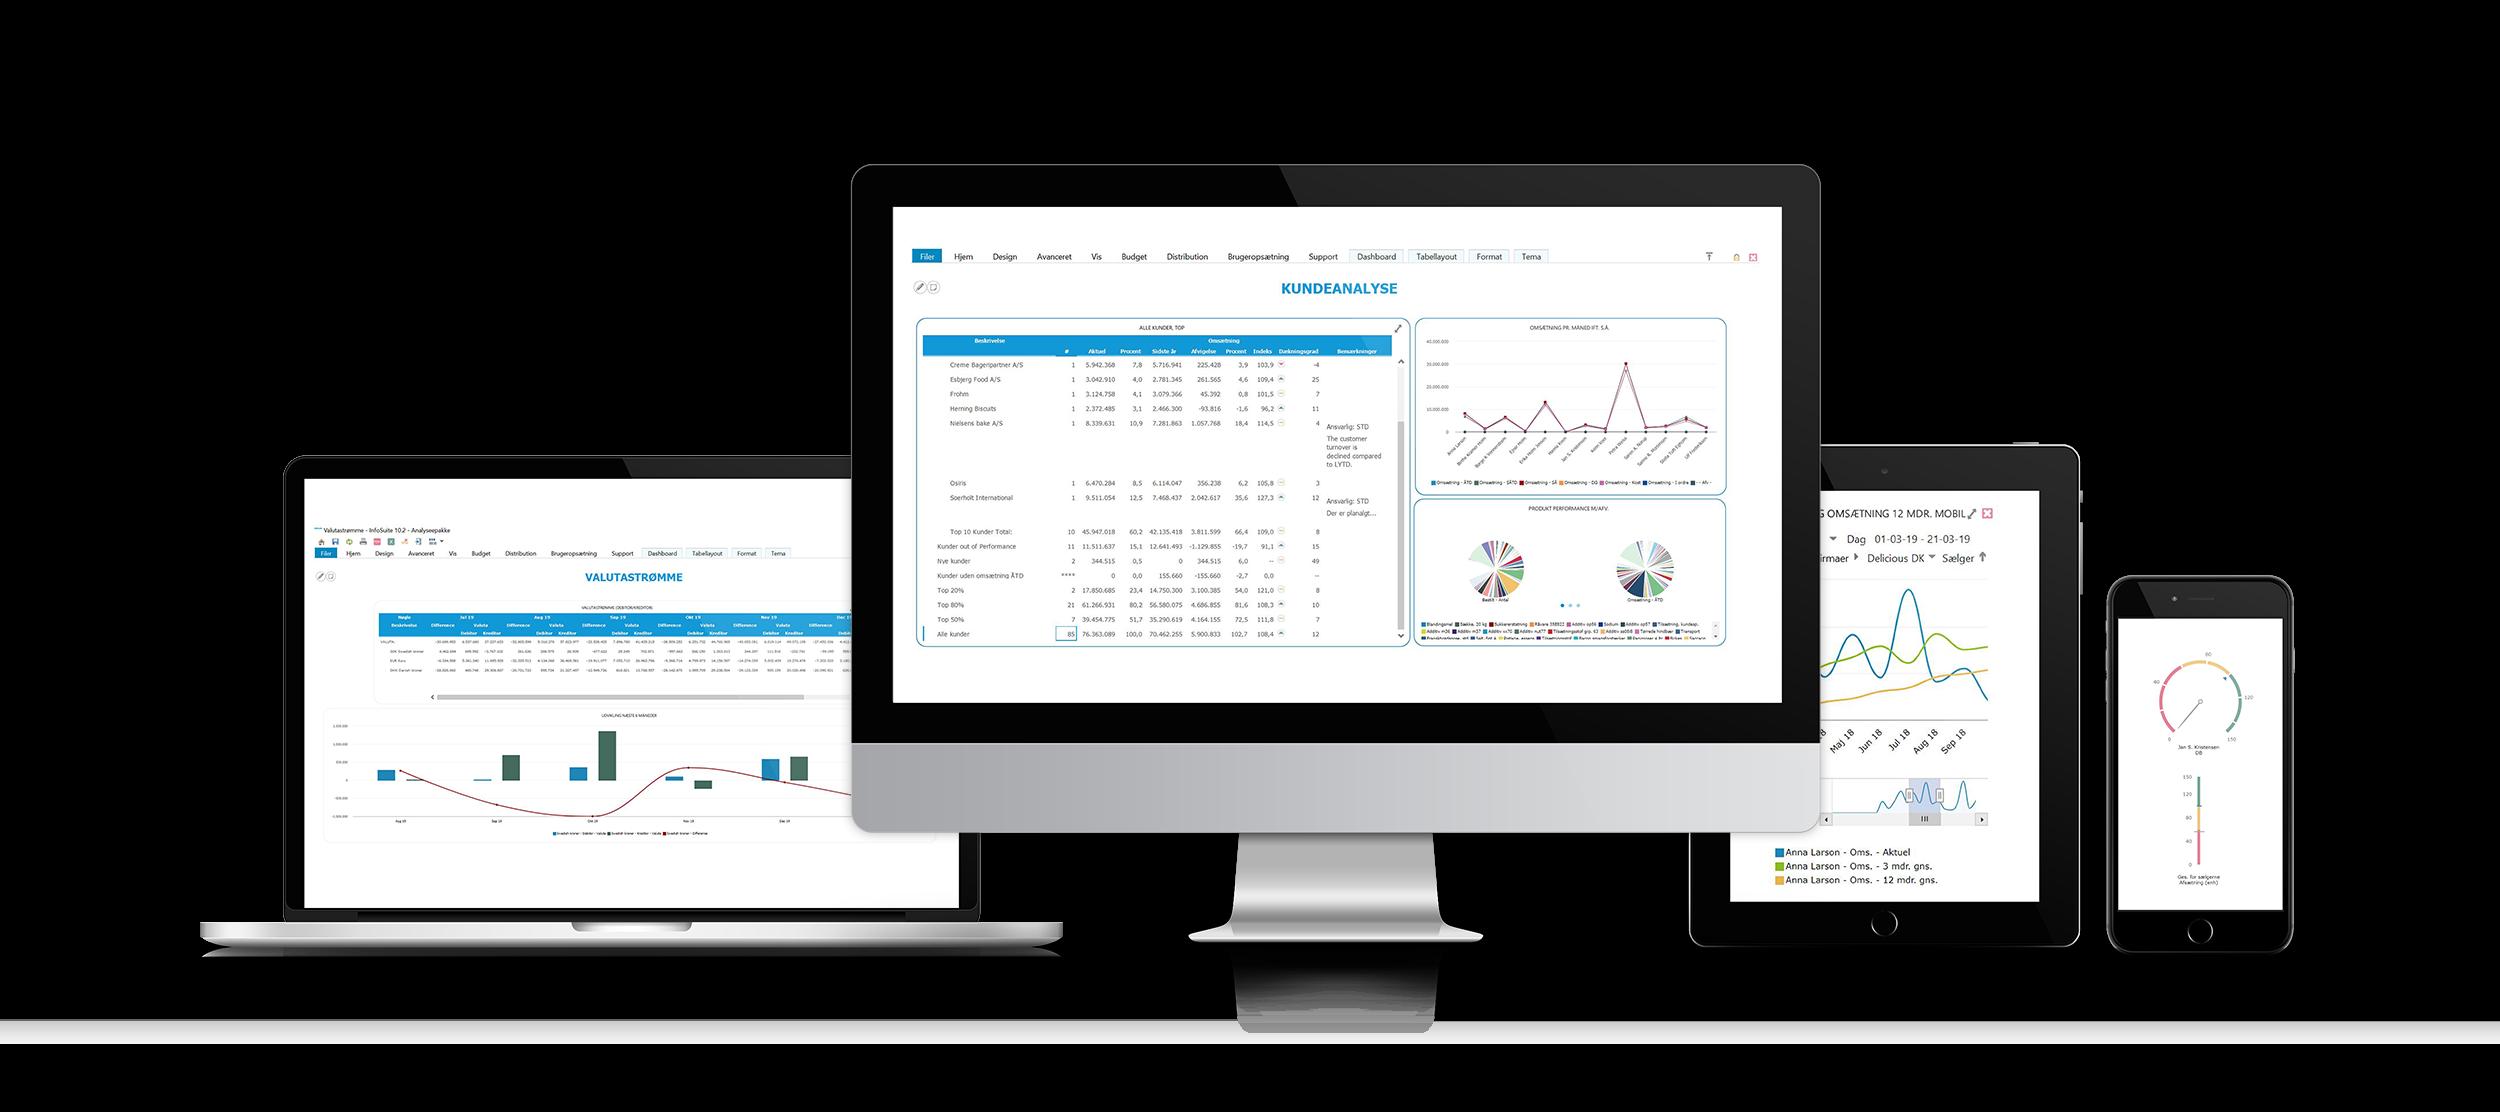 BI-værktøj fra InfoSuite giver dig det fulde billede af virksomheden